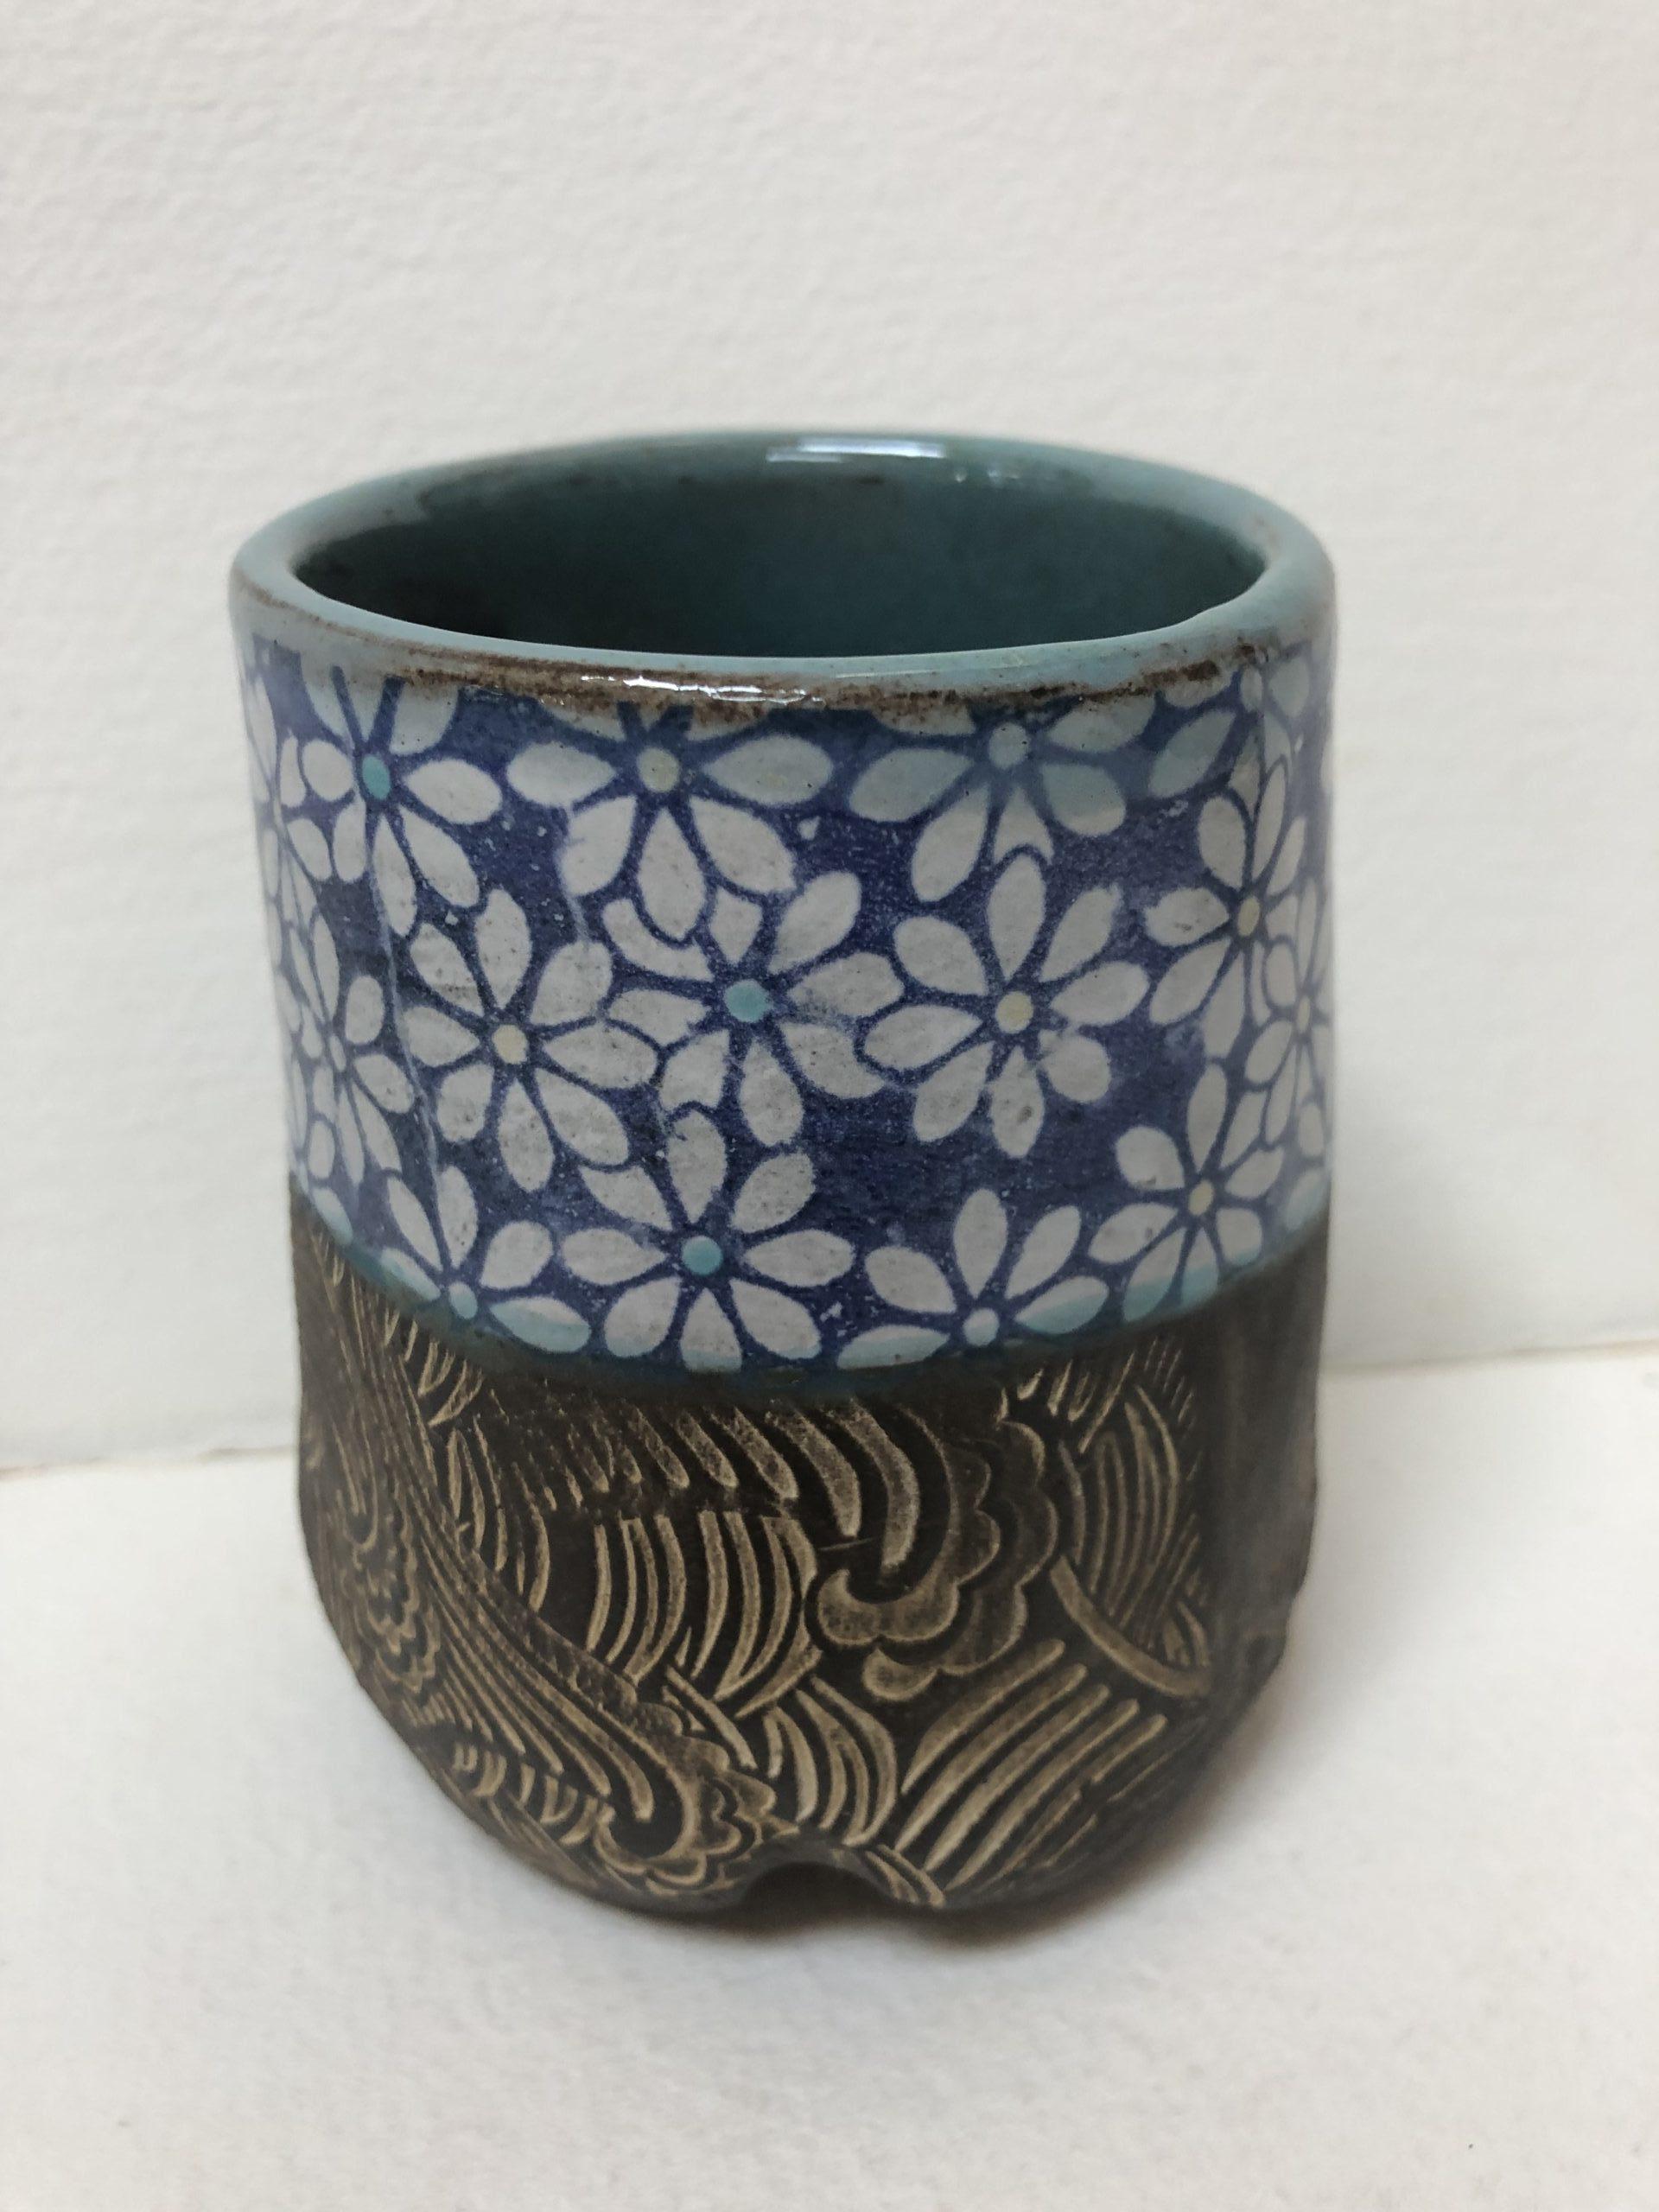 Clay daisies stoneware blue white